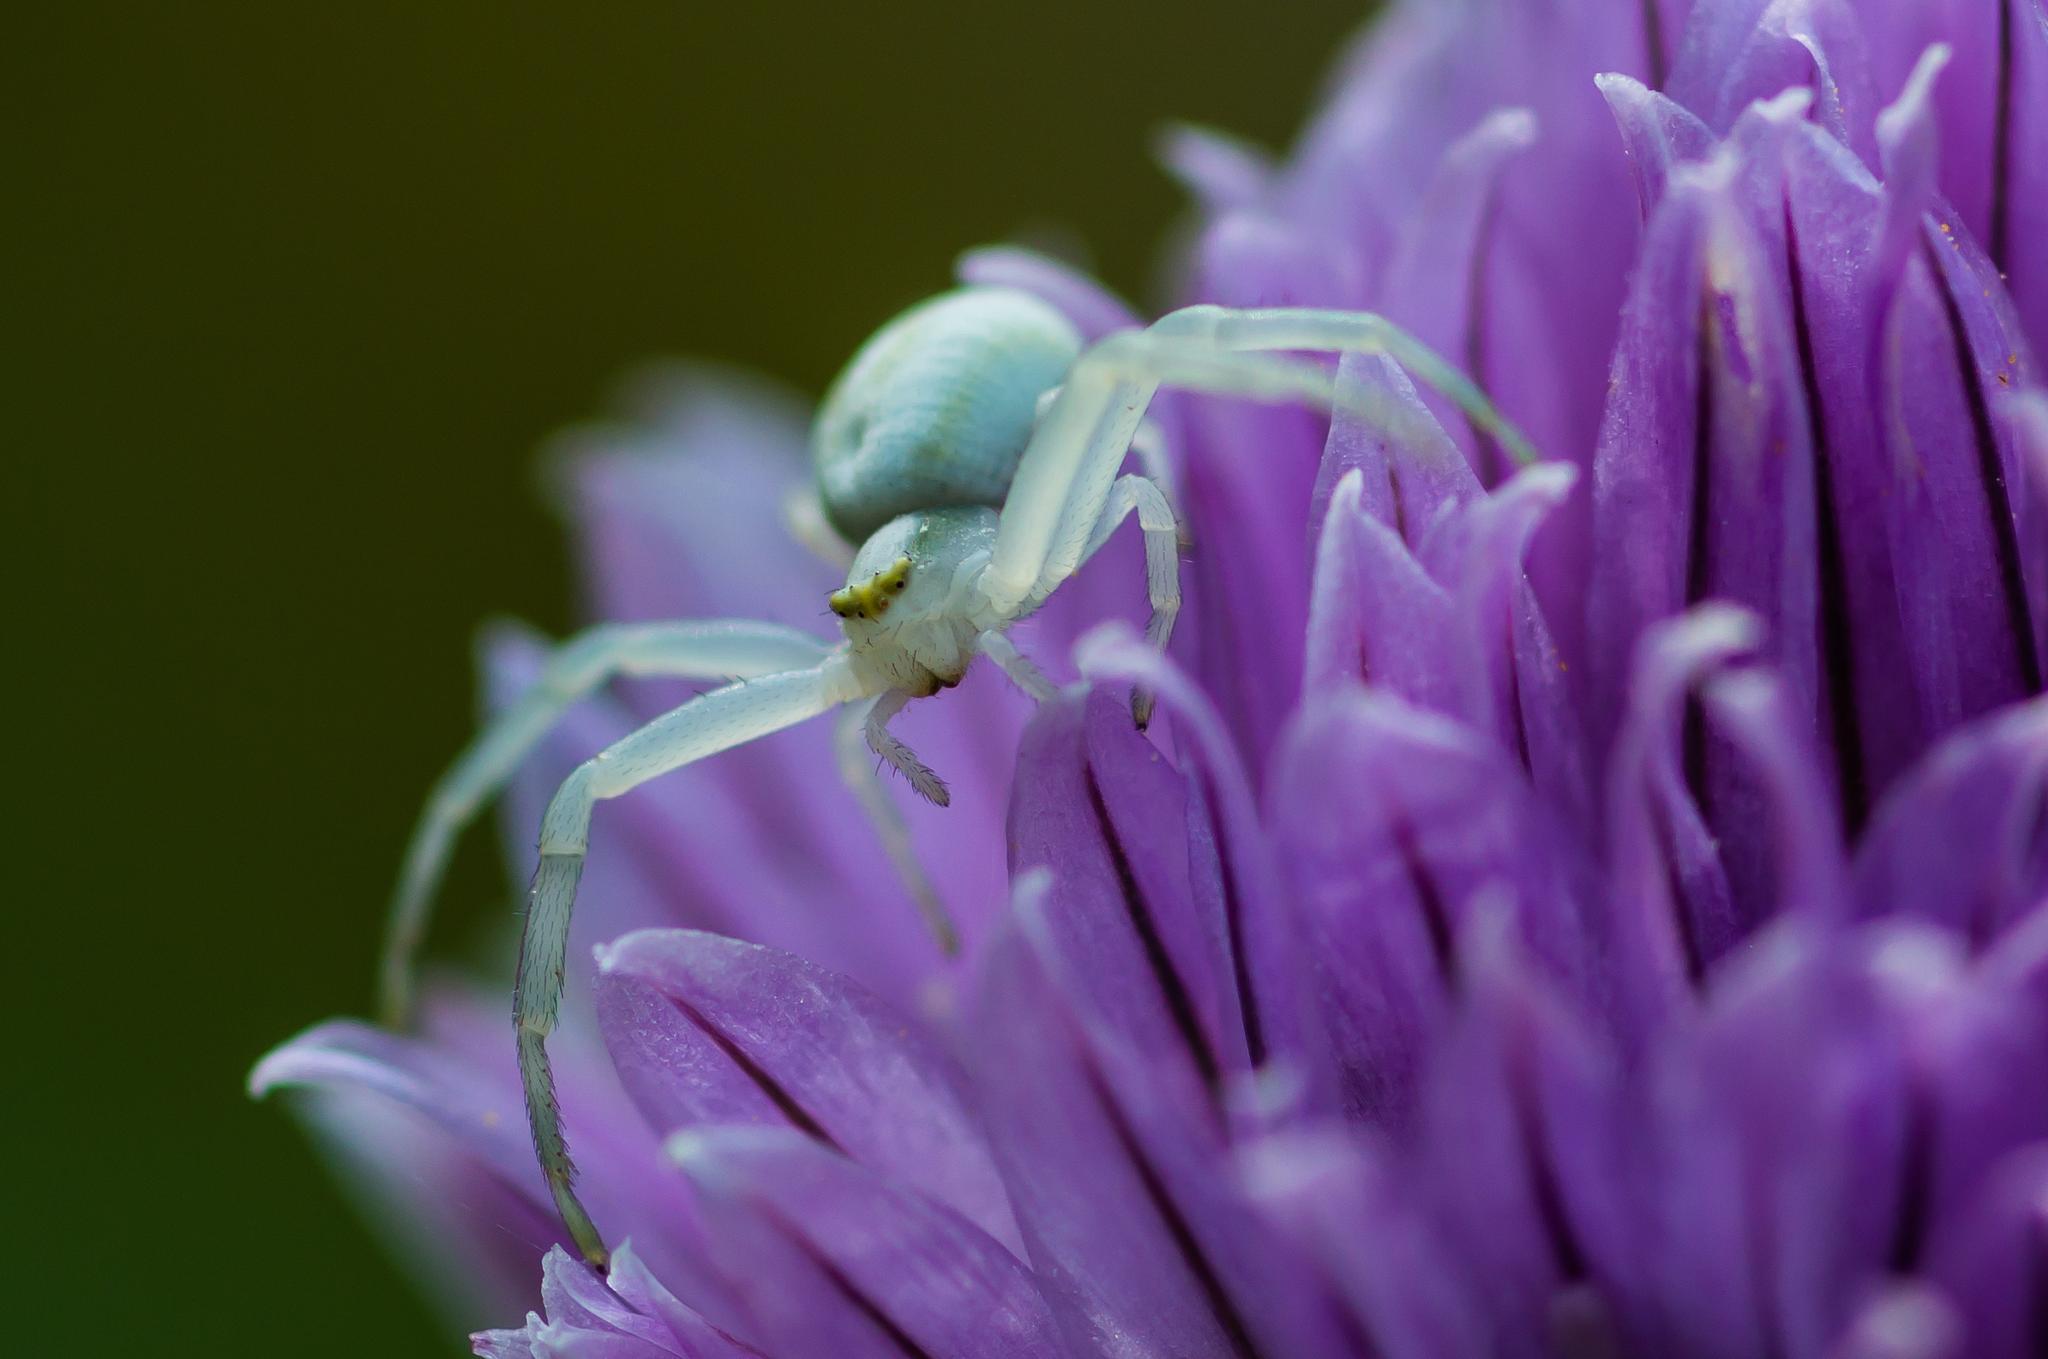 Crab Spider by Hintermann